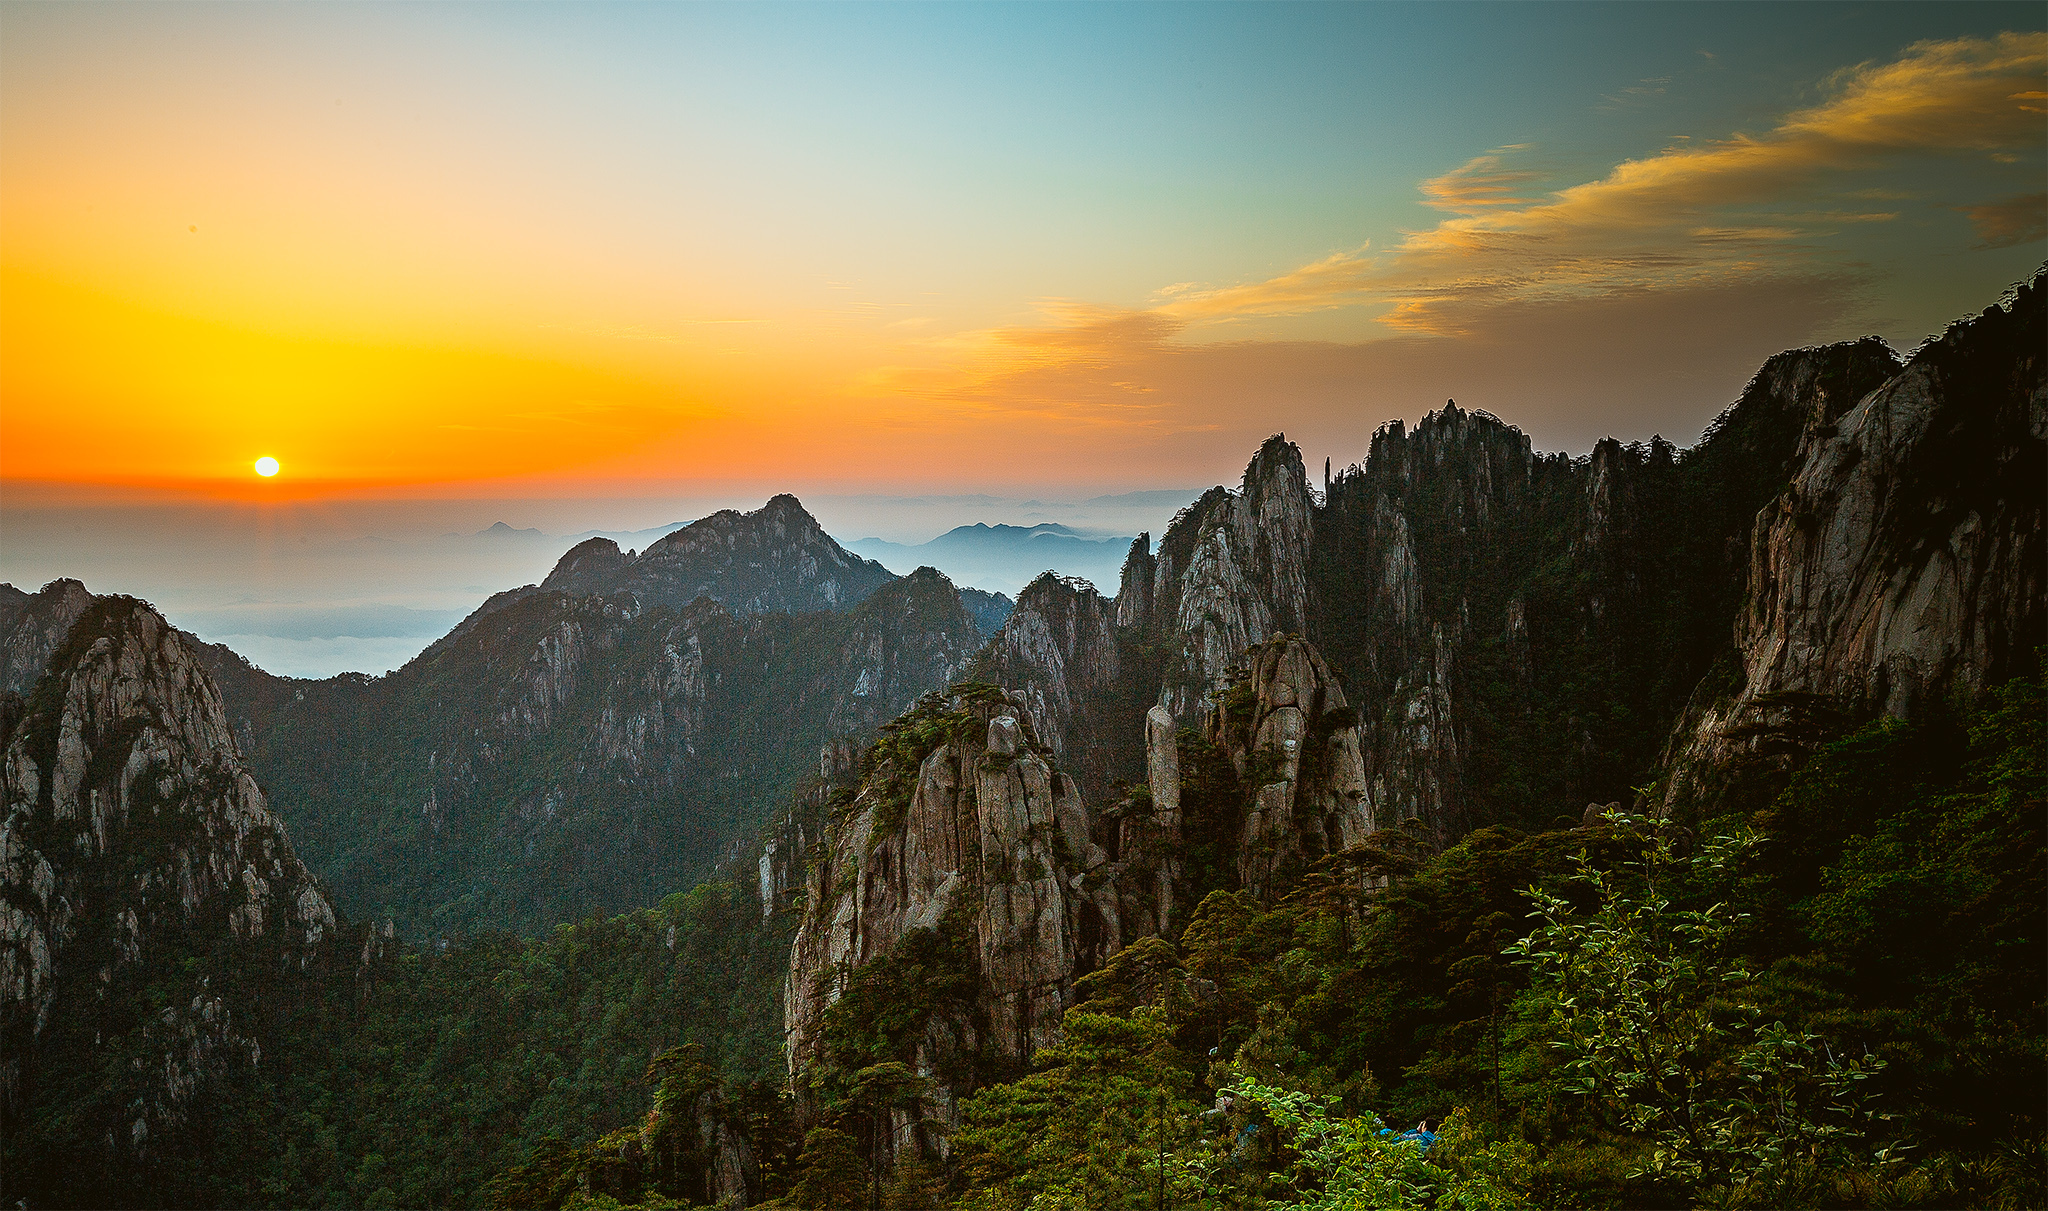 中国40个最美景点之黄山,一生必去一次的地方